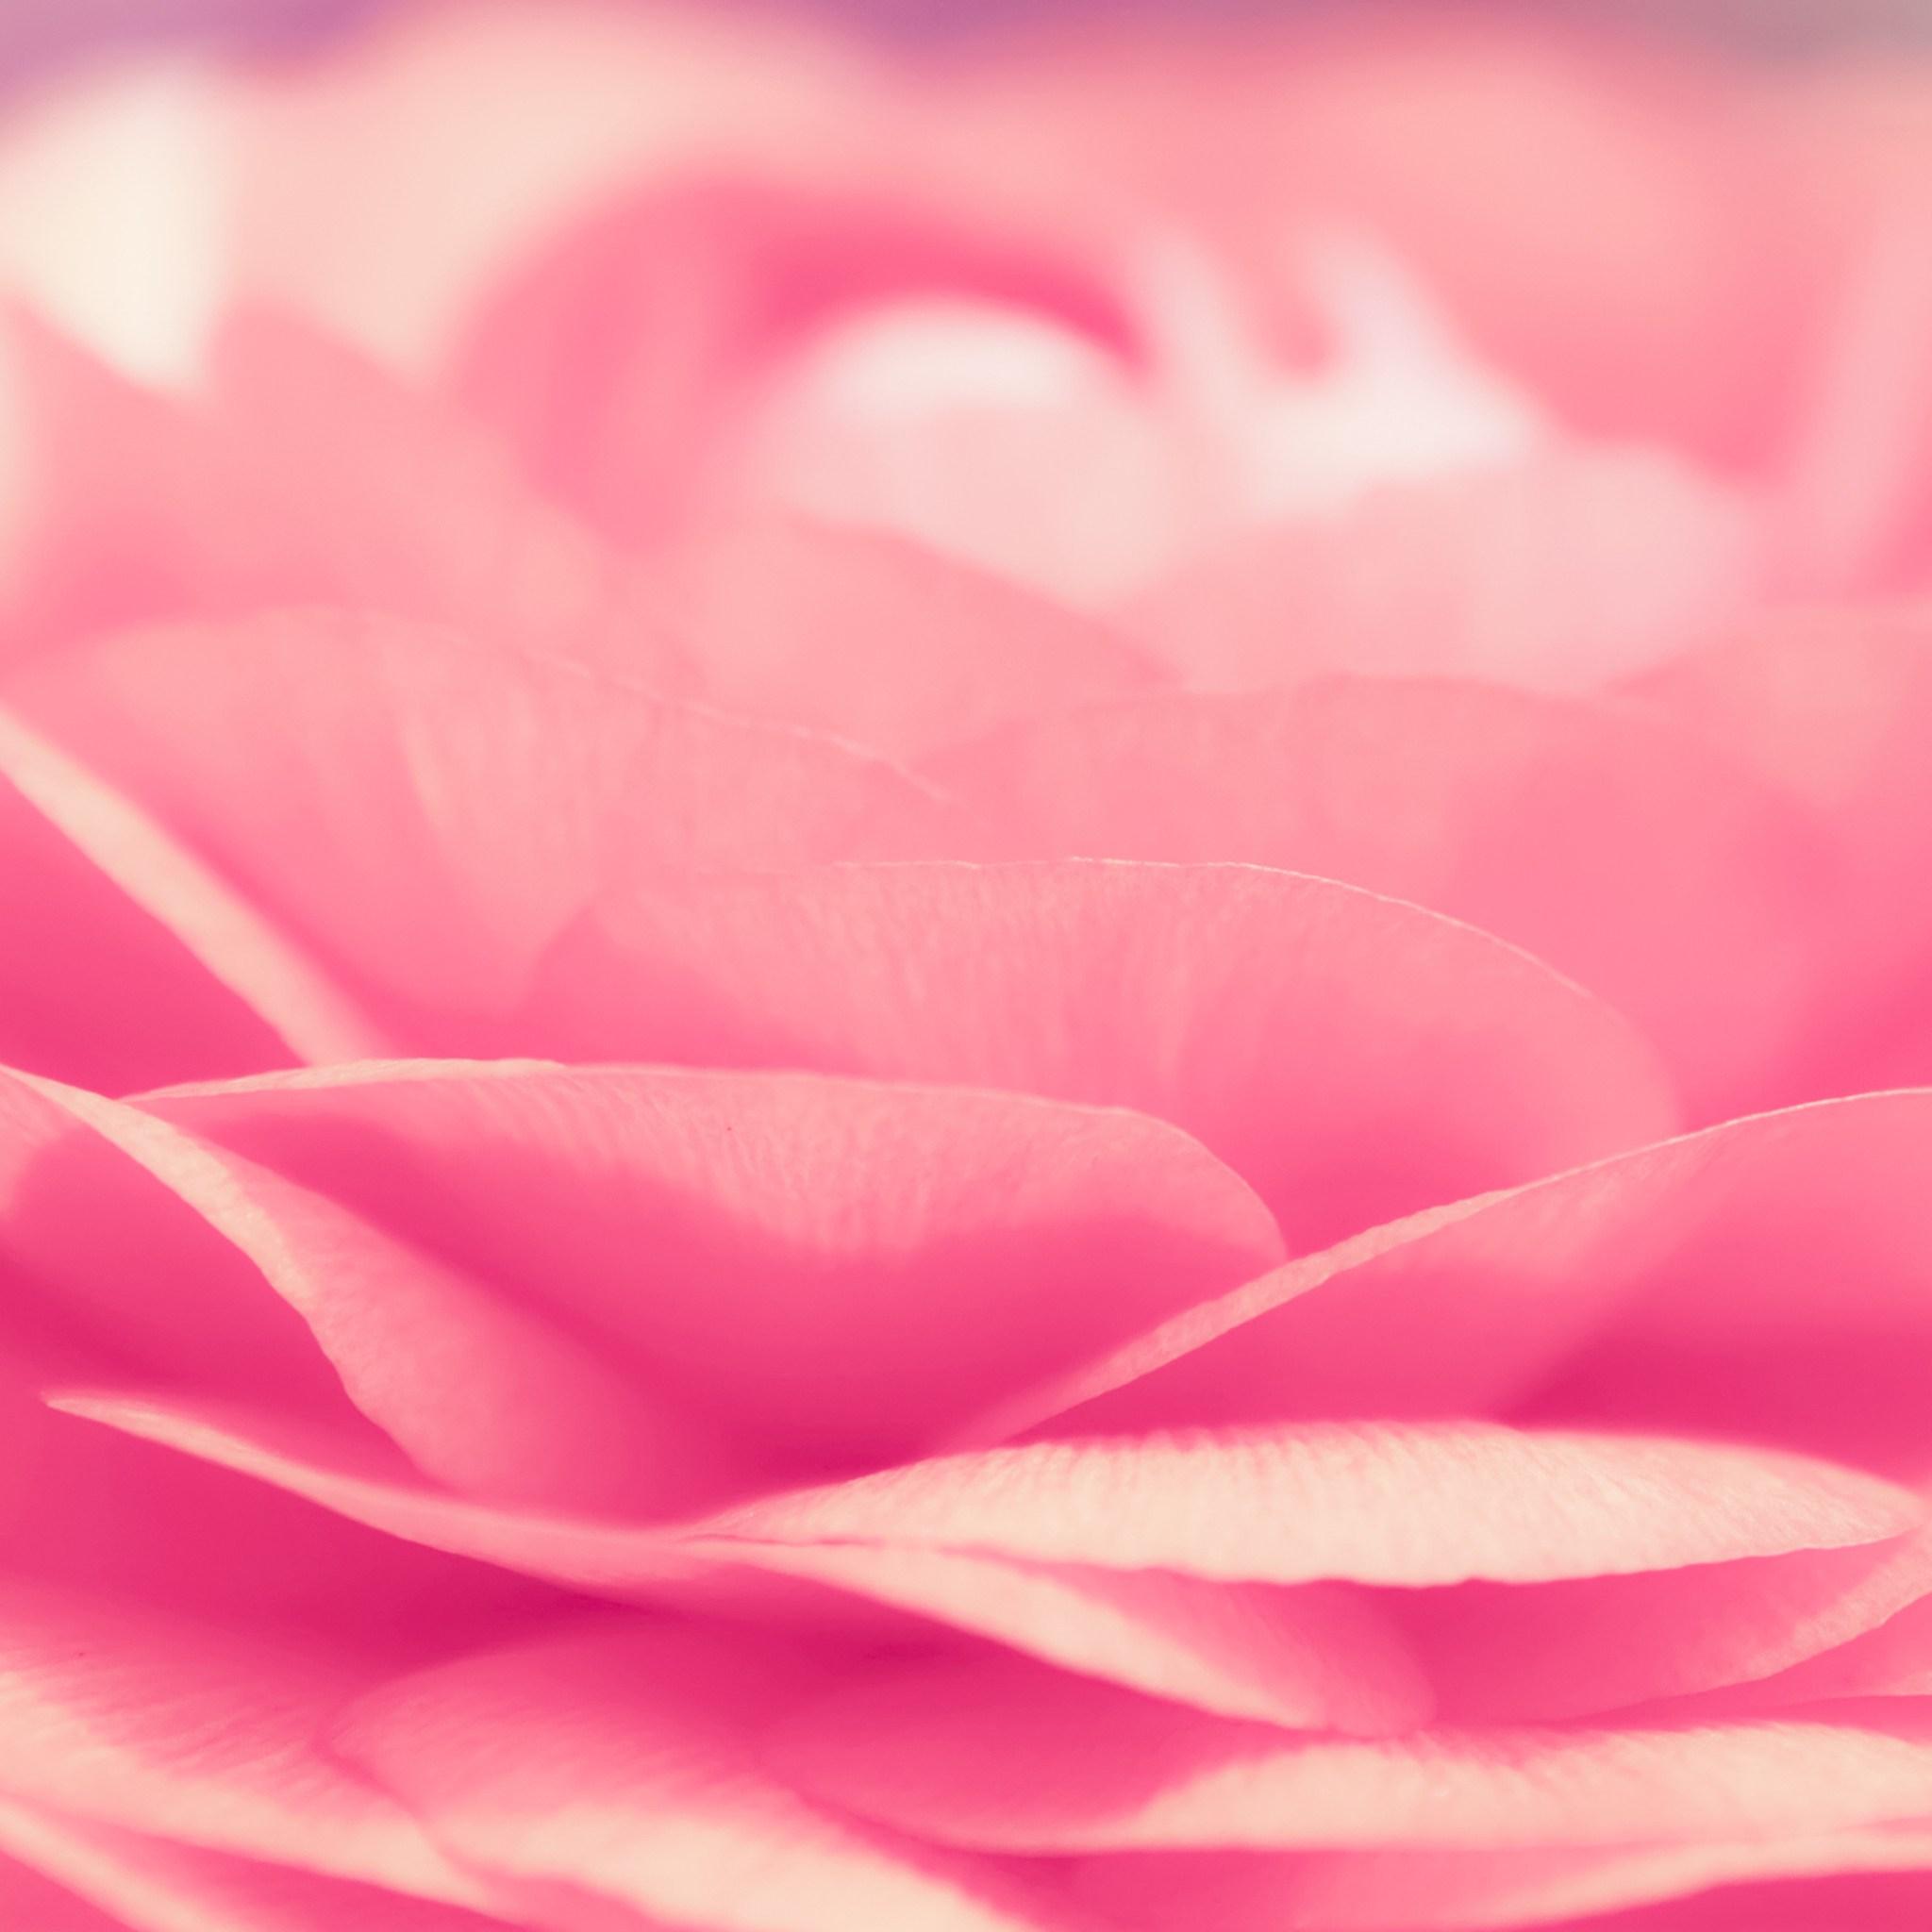 Pink ipad wallpaper wallpapersafari - Red rose petals wallpaper ...